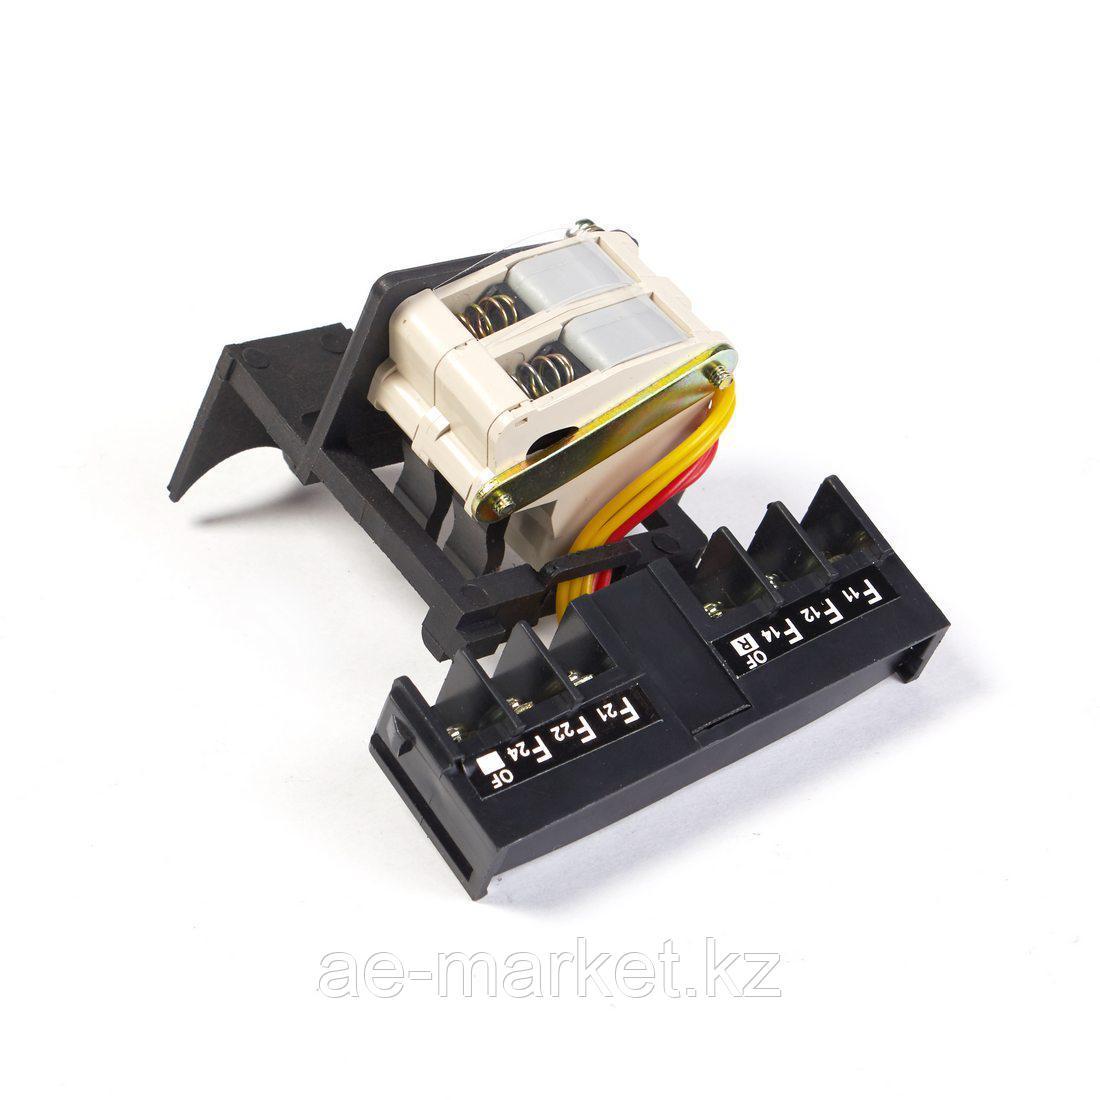 Контакт дополнительный iPower 400М